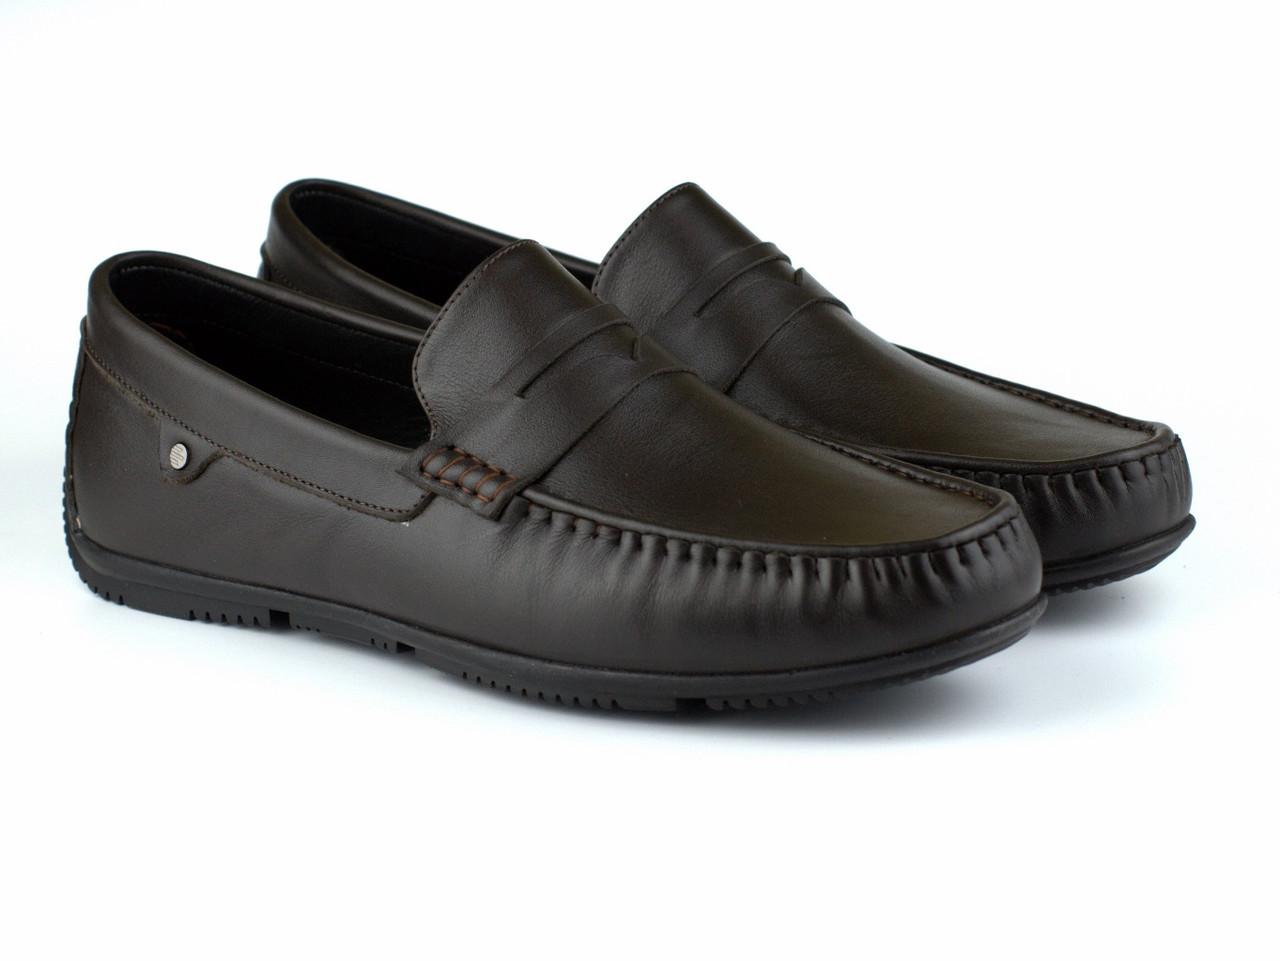 Шкіряні мокасини чорно-коричневі чоловіче взуття великих розмірів ETHEREAL BS Black Brown by Rosso Avangard